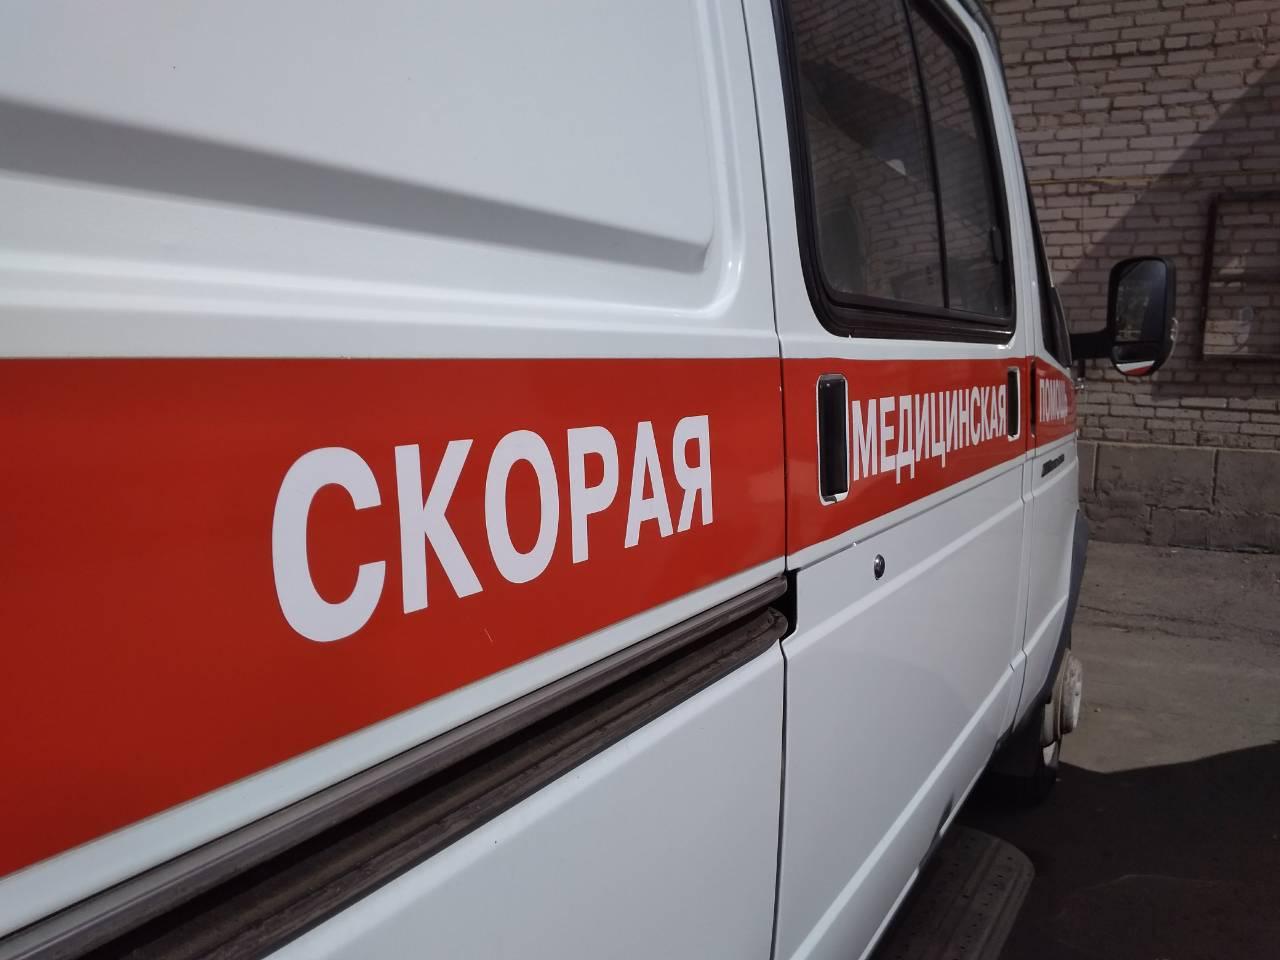 Пострадавшим в ДТП в г. Братске оказывается вся необходимая медицинская помощь  Сегодня, 19 декабря, в 08.27 утра поступило сообщение о дорожно-транспортном происшествии на трассе «Вилюй» в г. Братске. На место выехали 4 бригады скорой медицинской по…